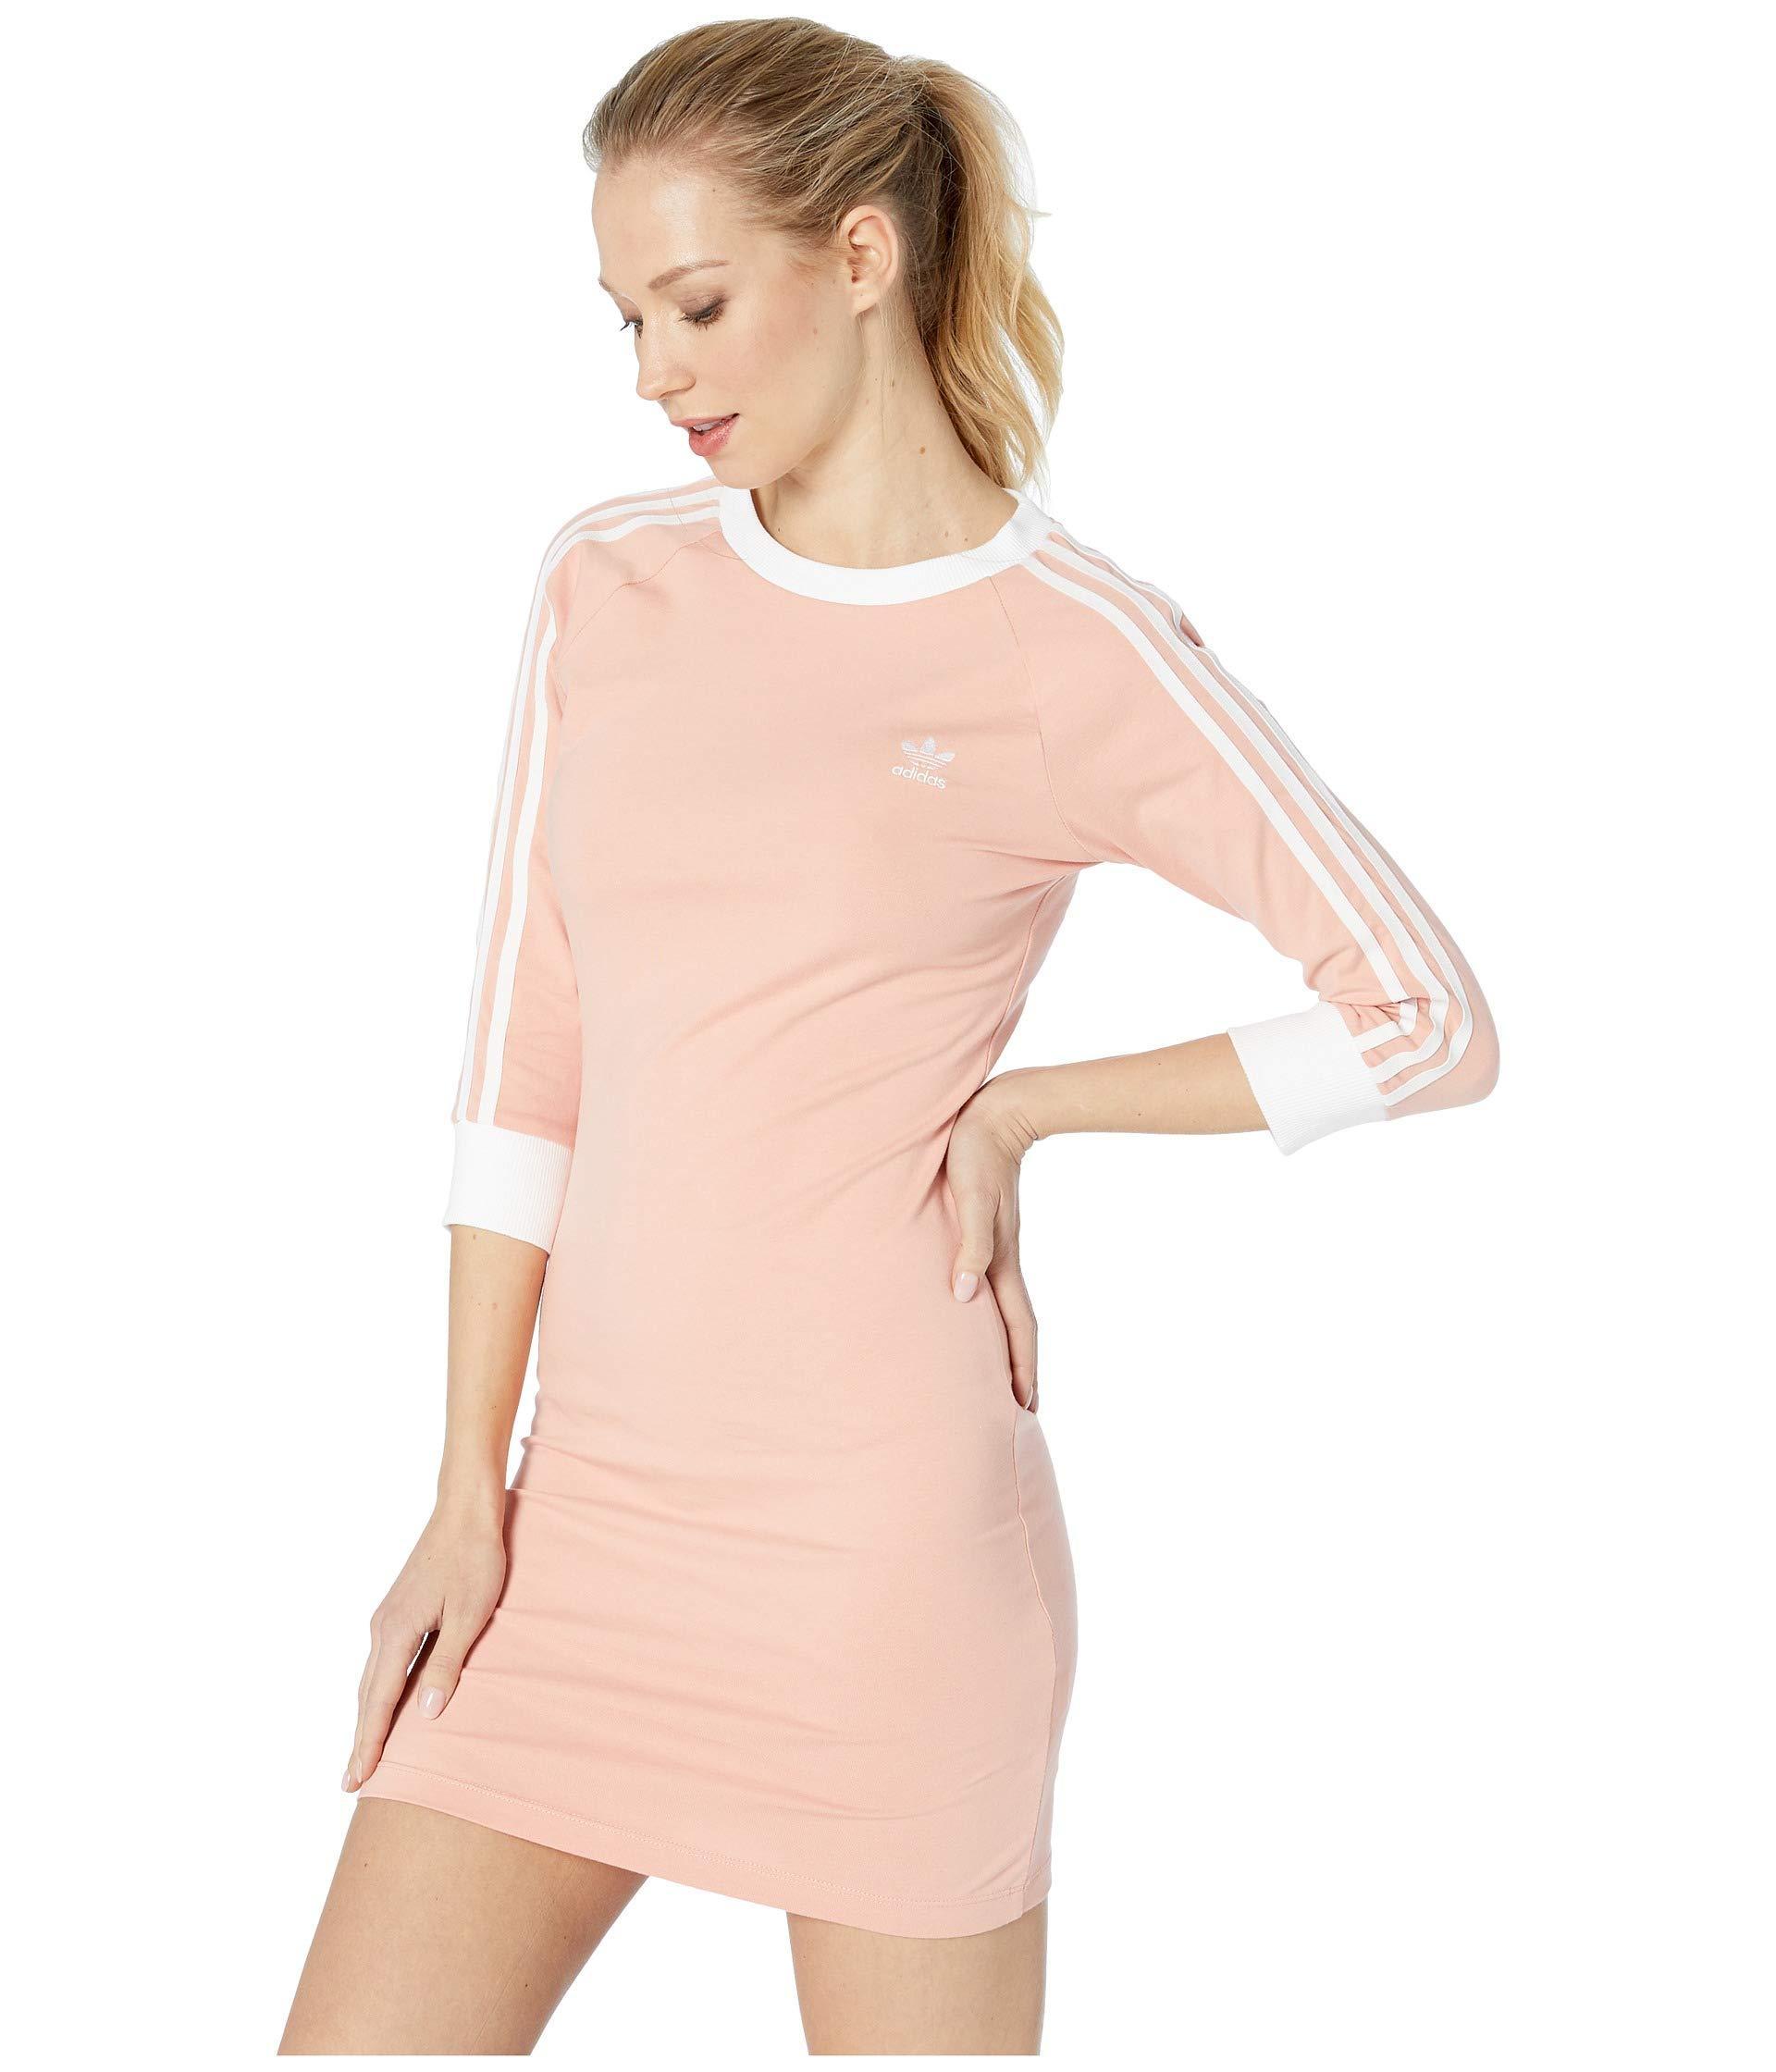 f5f0fd1b726 Lyst - adidas Originals 3-stripes Dress in Pink